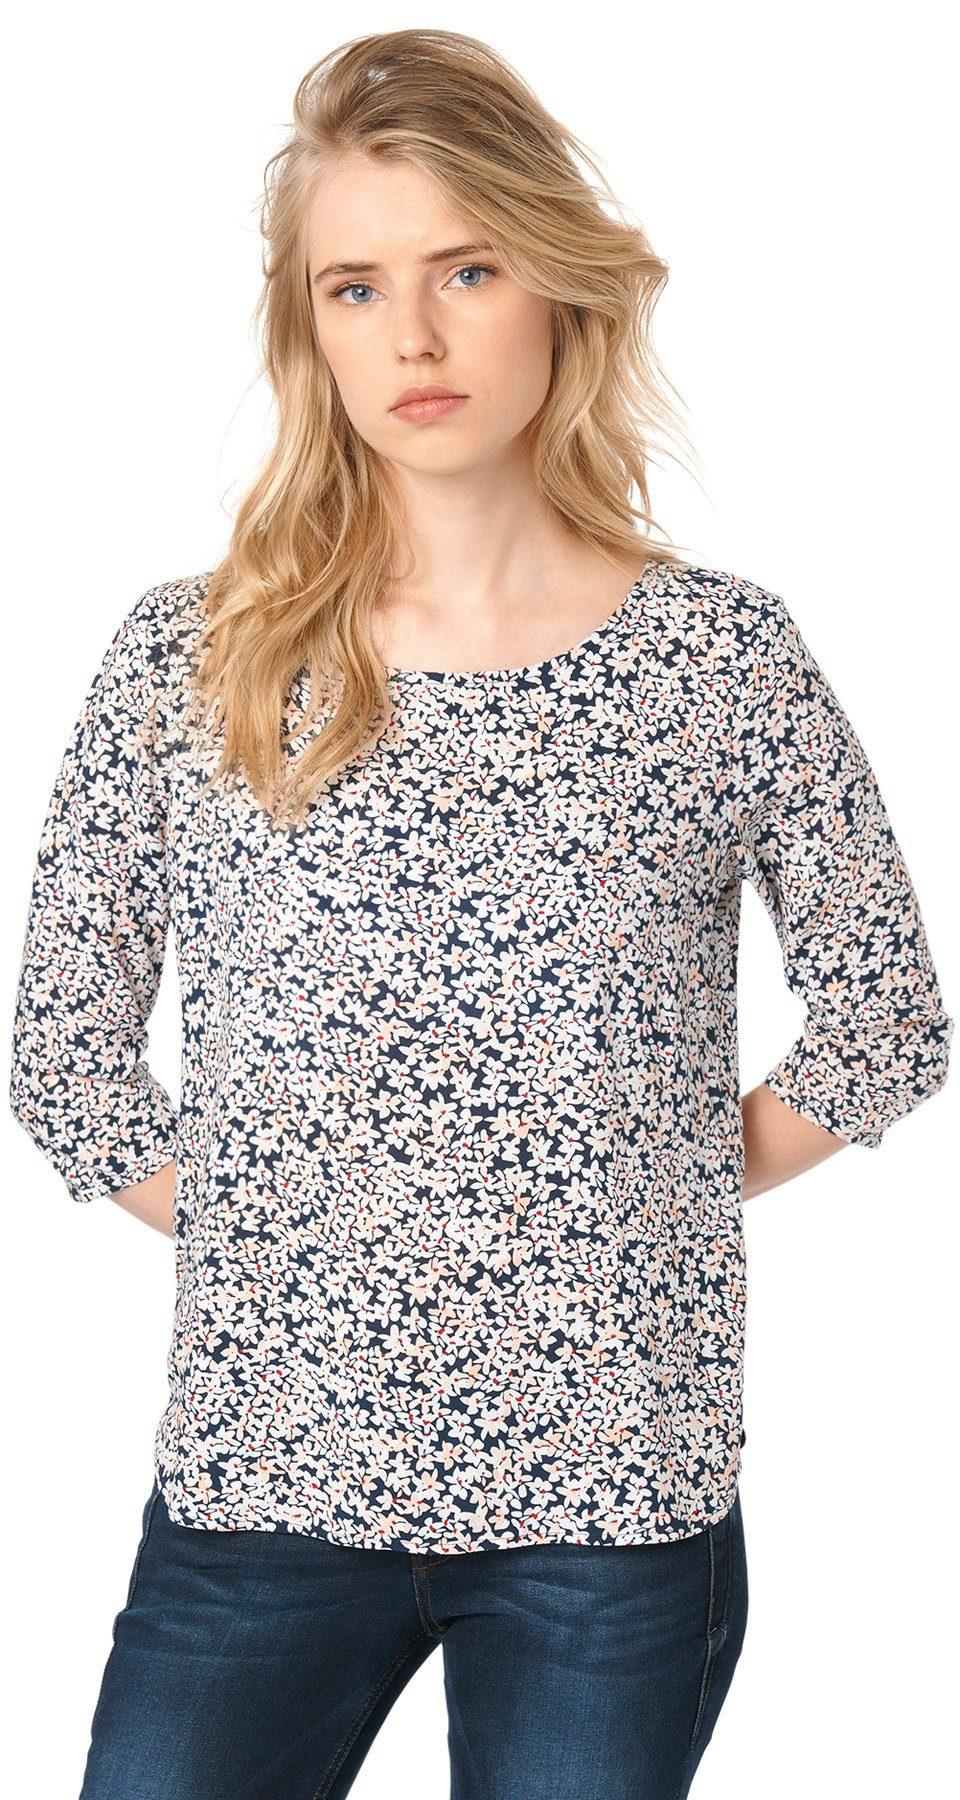 TOM TAILOR DENIM Bluse »Blusen-Shirt mit Reißverschluss«